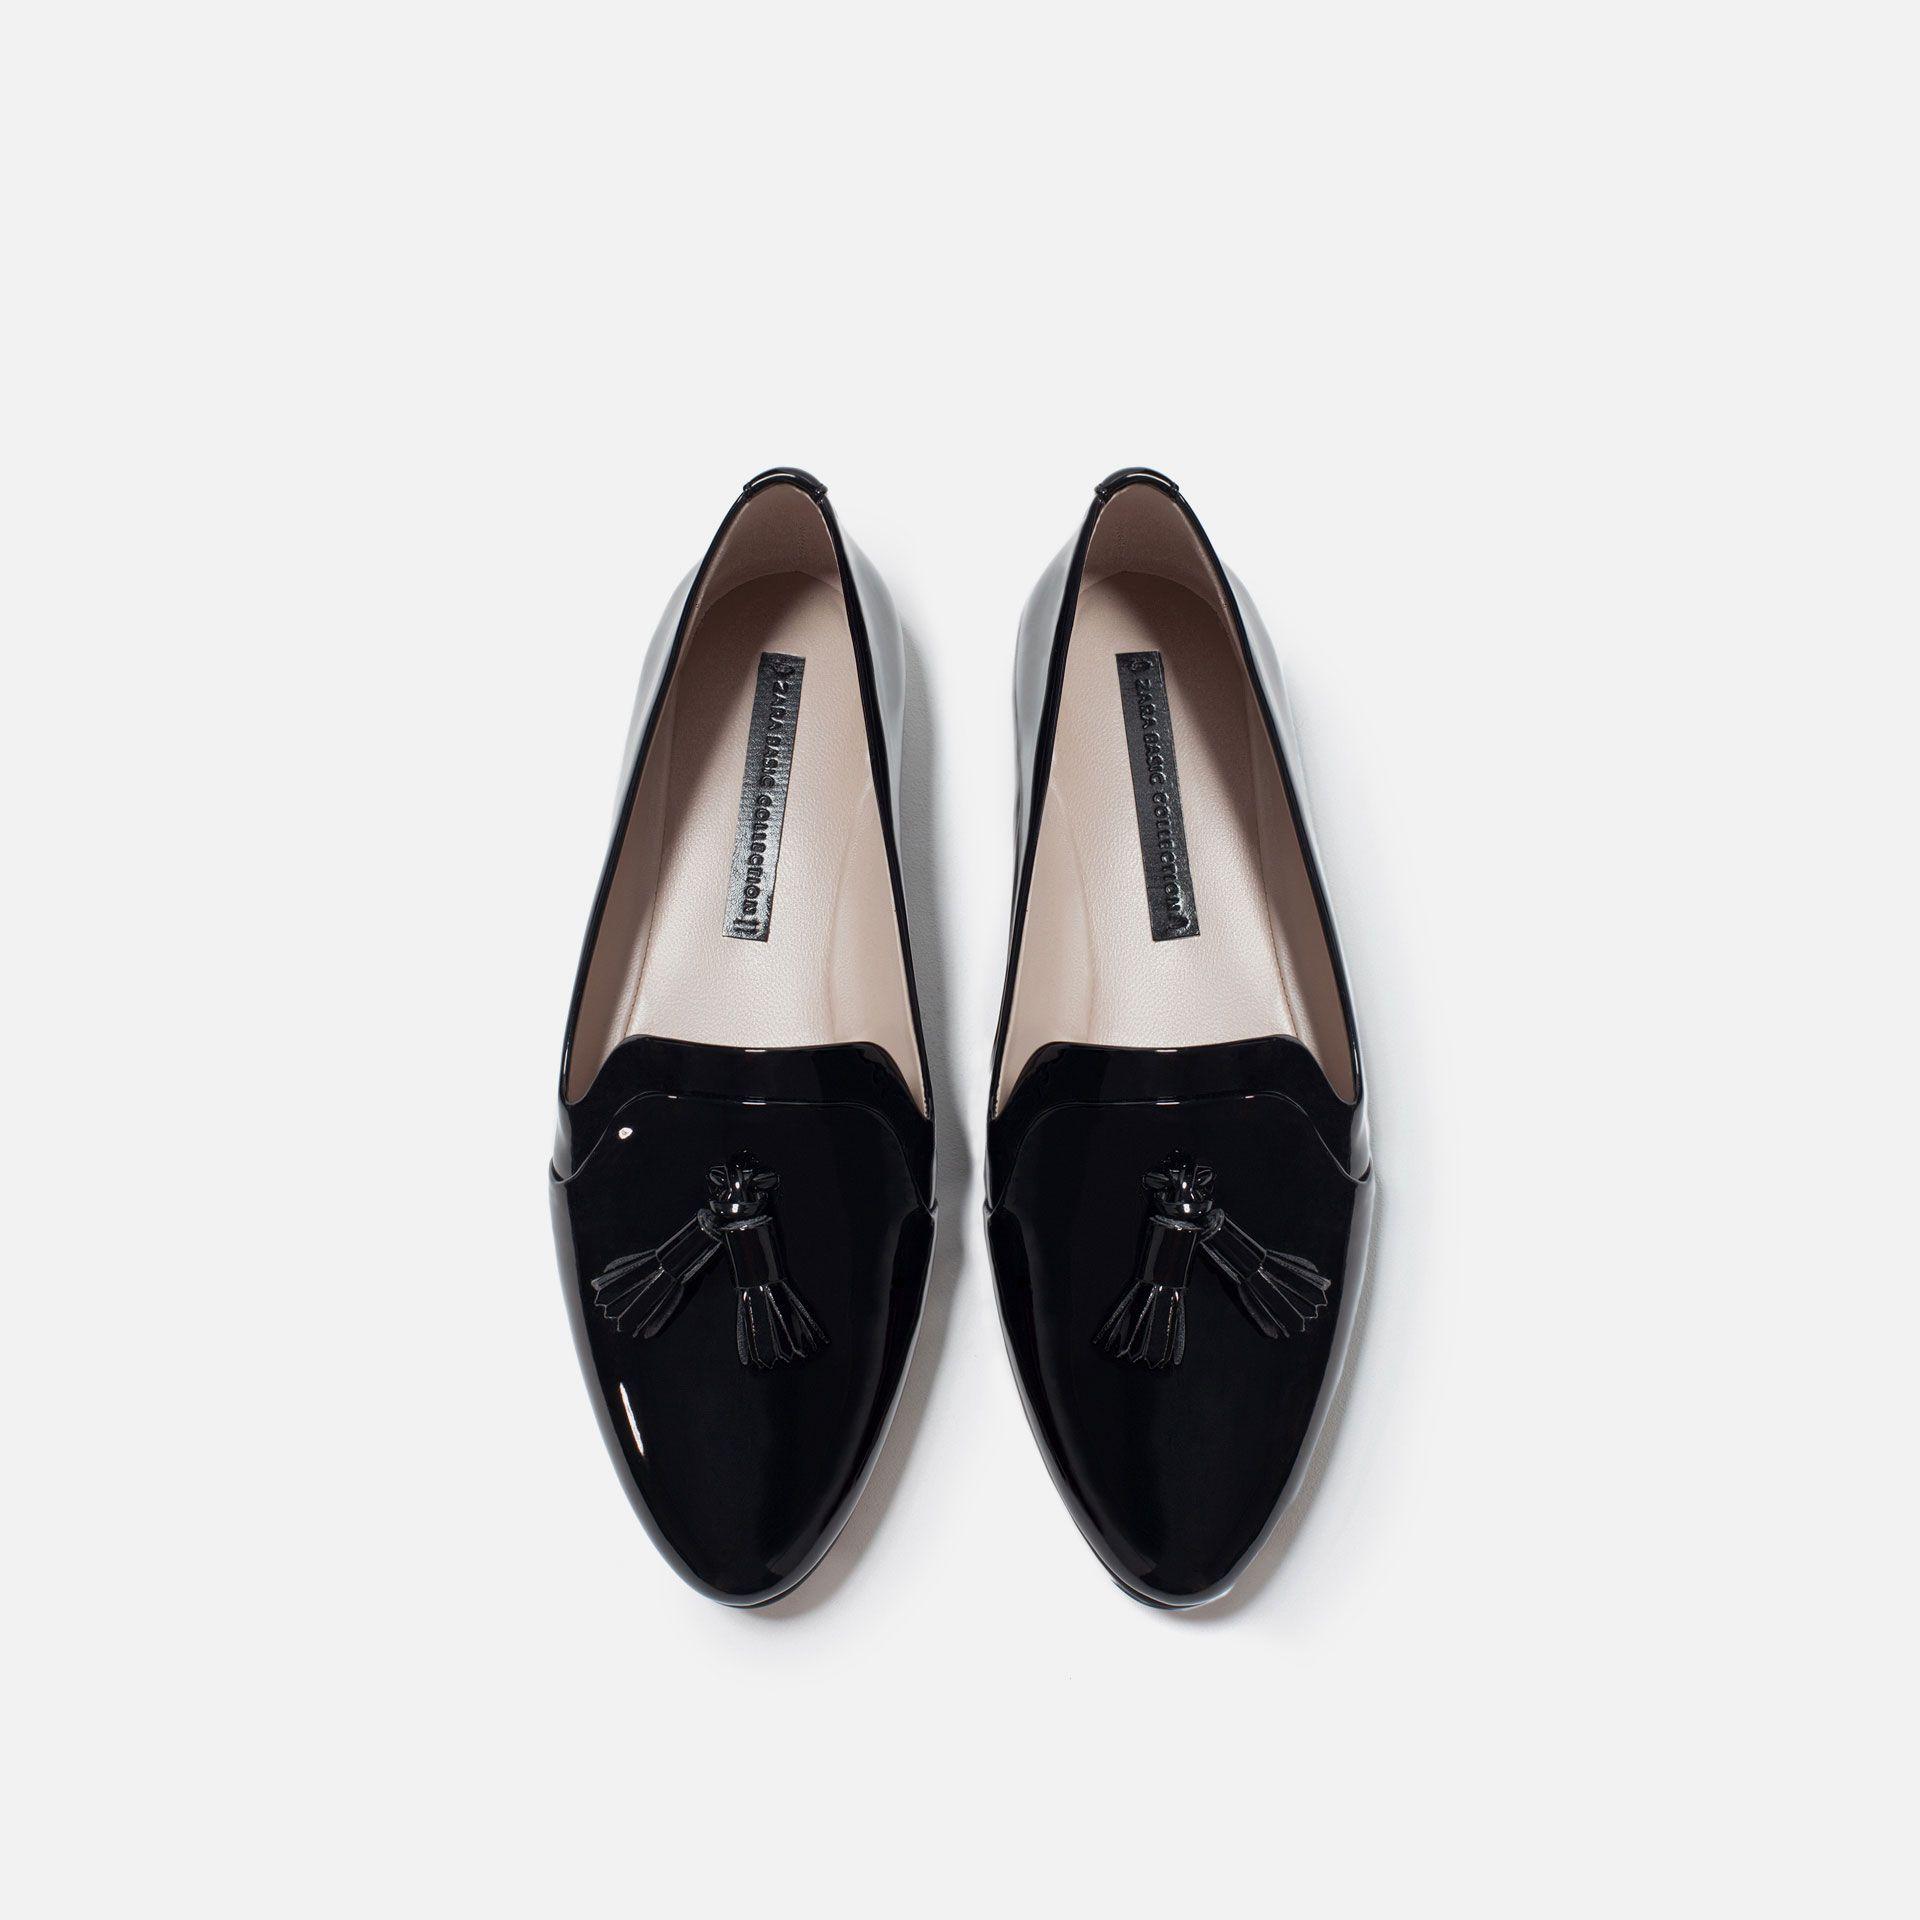 Zara 89 Slipper Shoes Women Flat Shoes Women Shoes